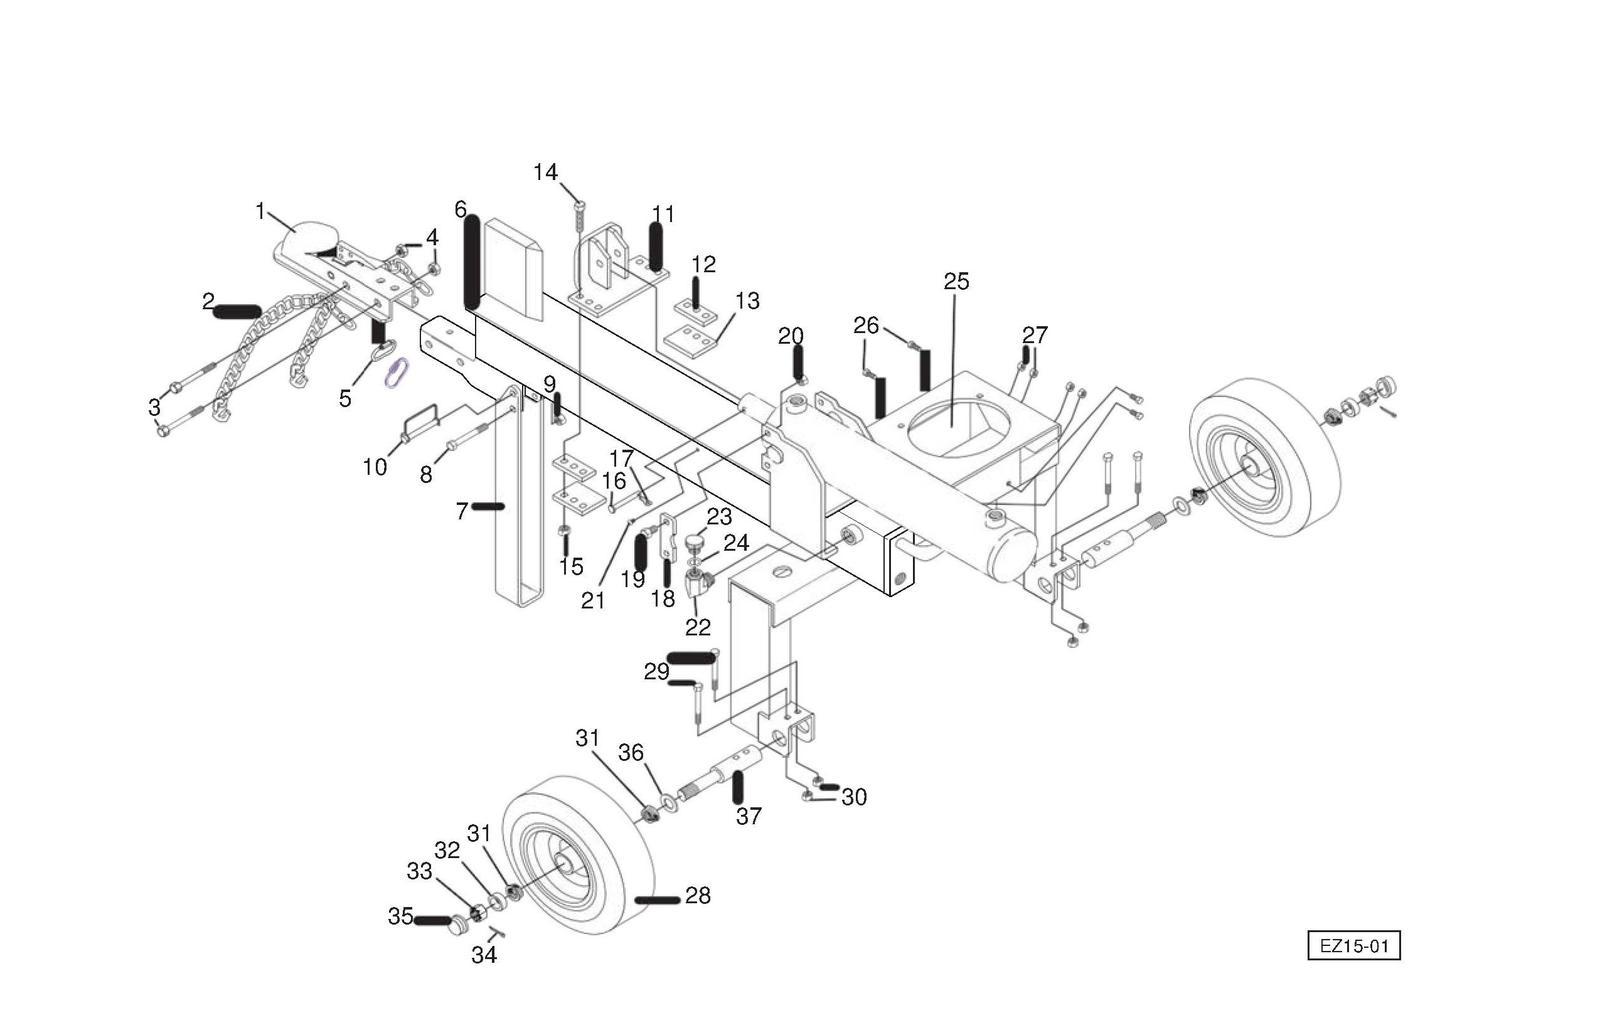 Foard's Parts Plus provides premium outdoor power